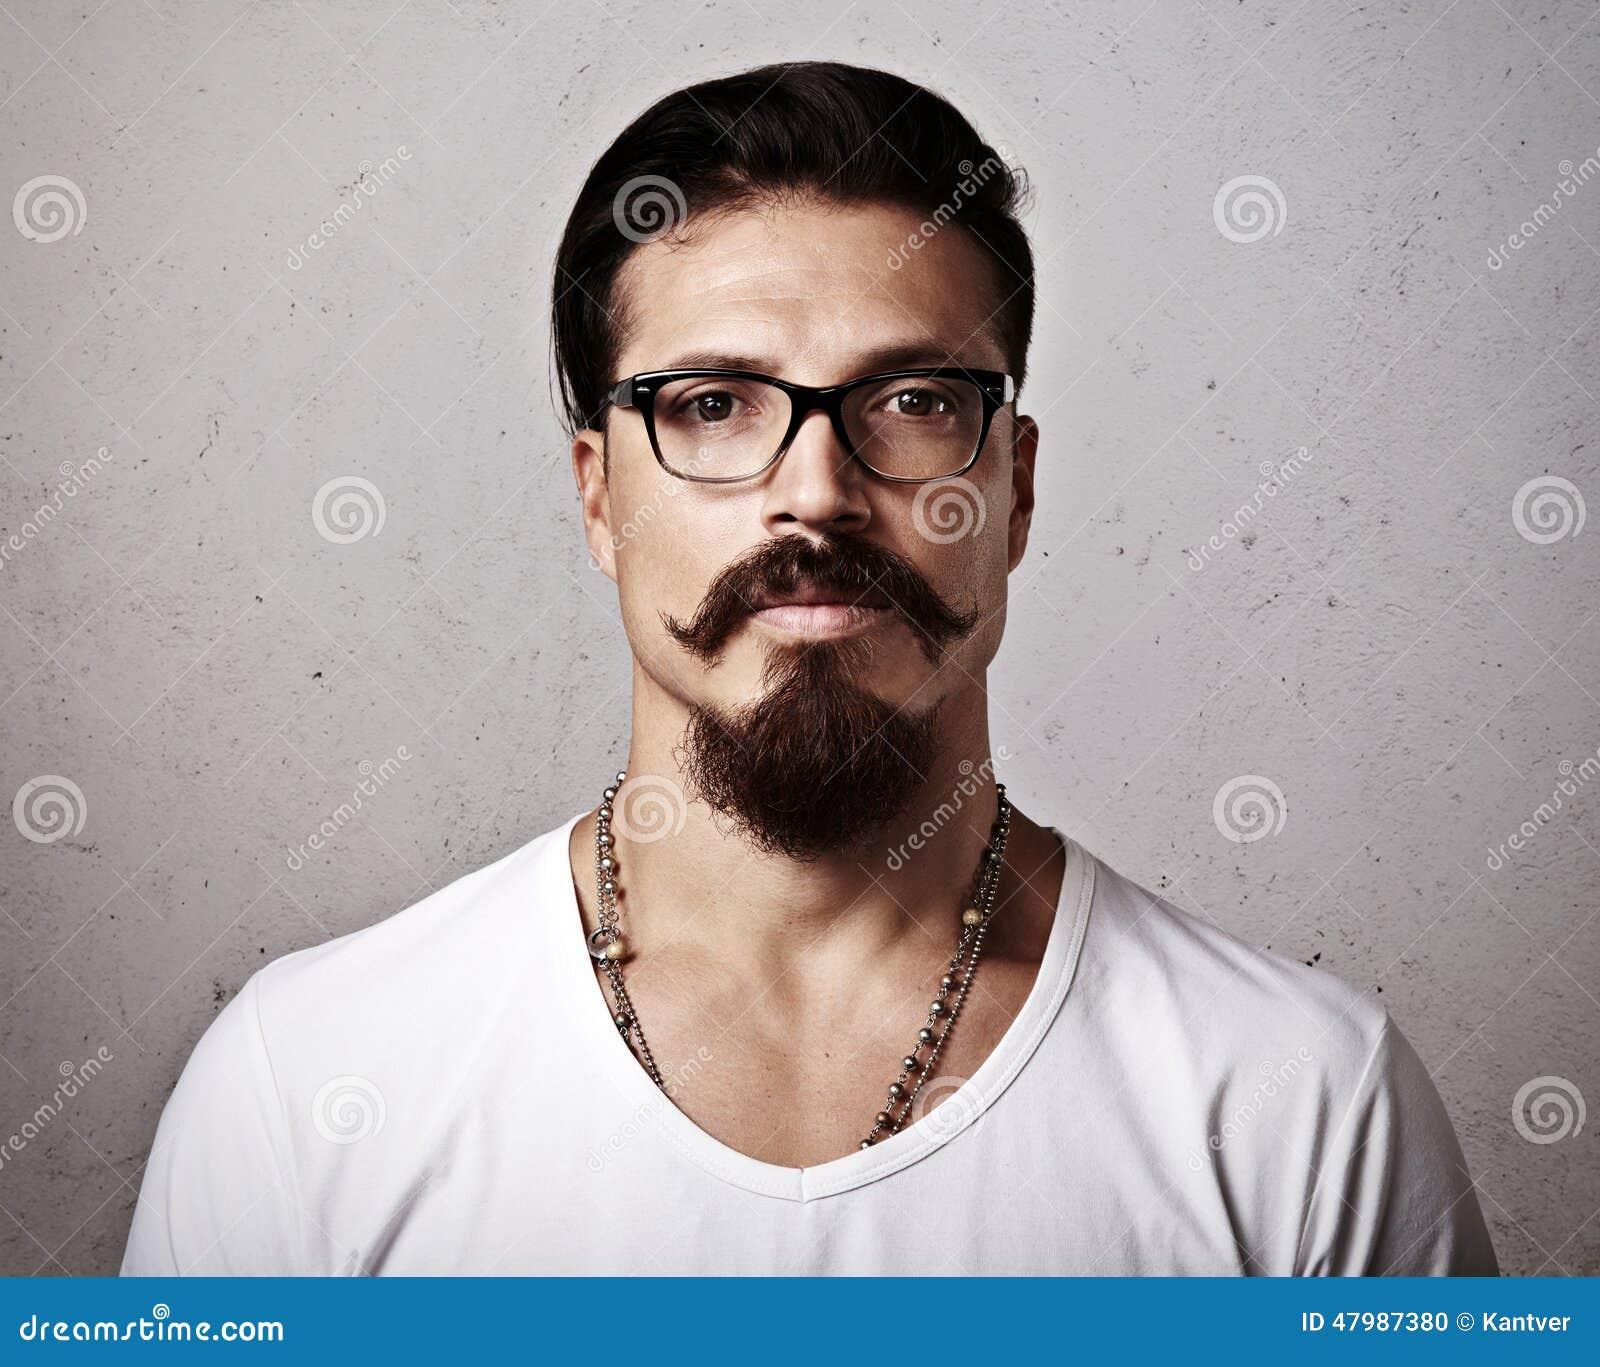 Portrait Of A Bearded Man Wearing Eyeglasses Stock Photo ...